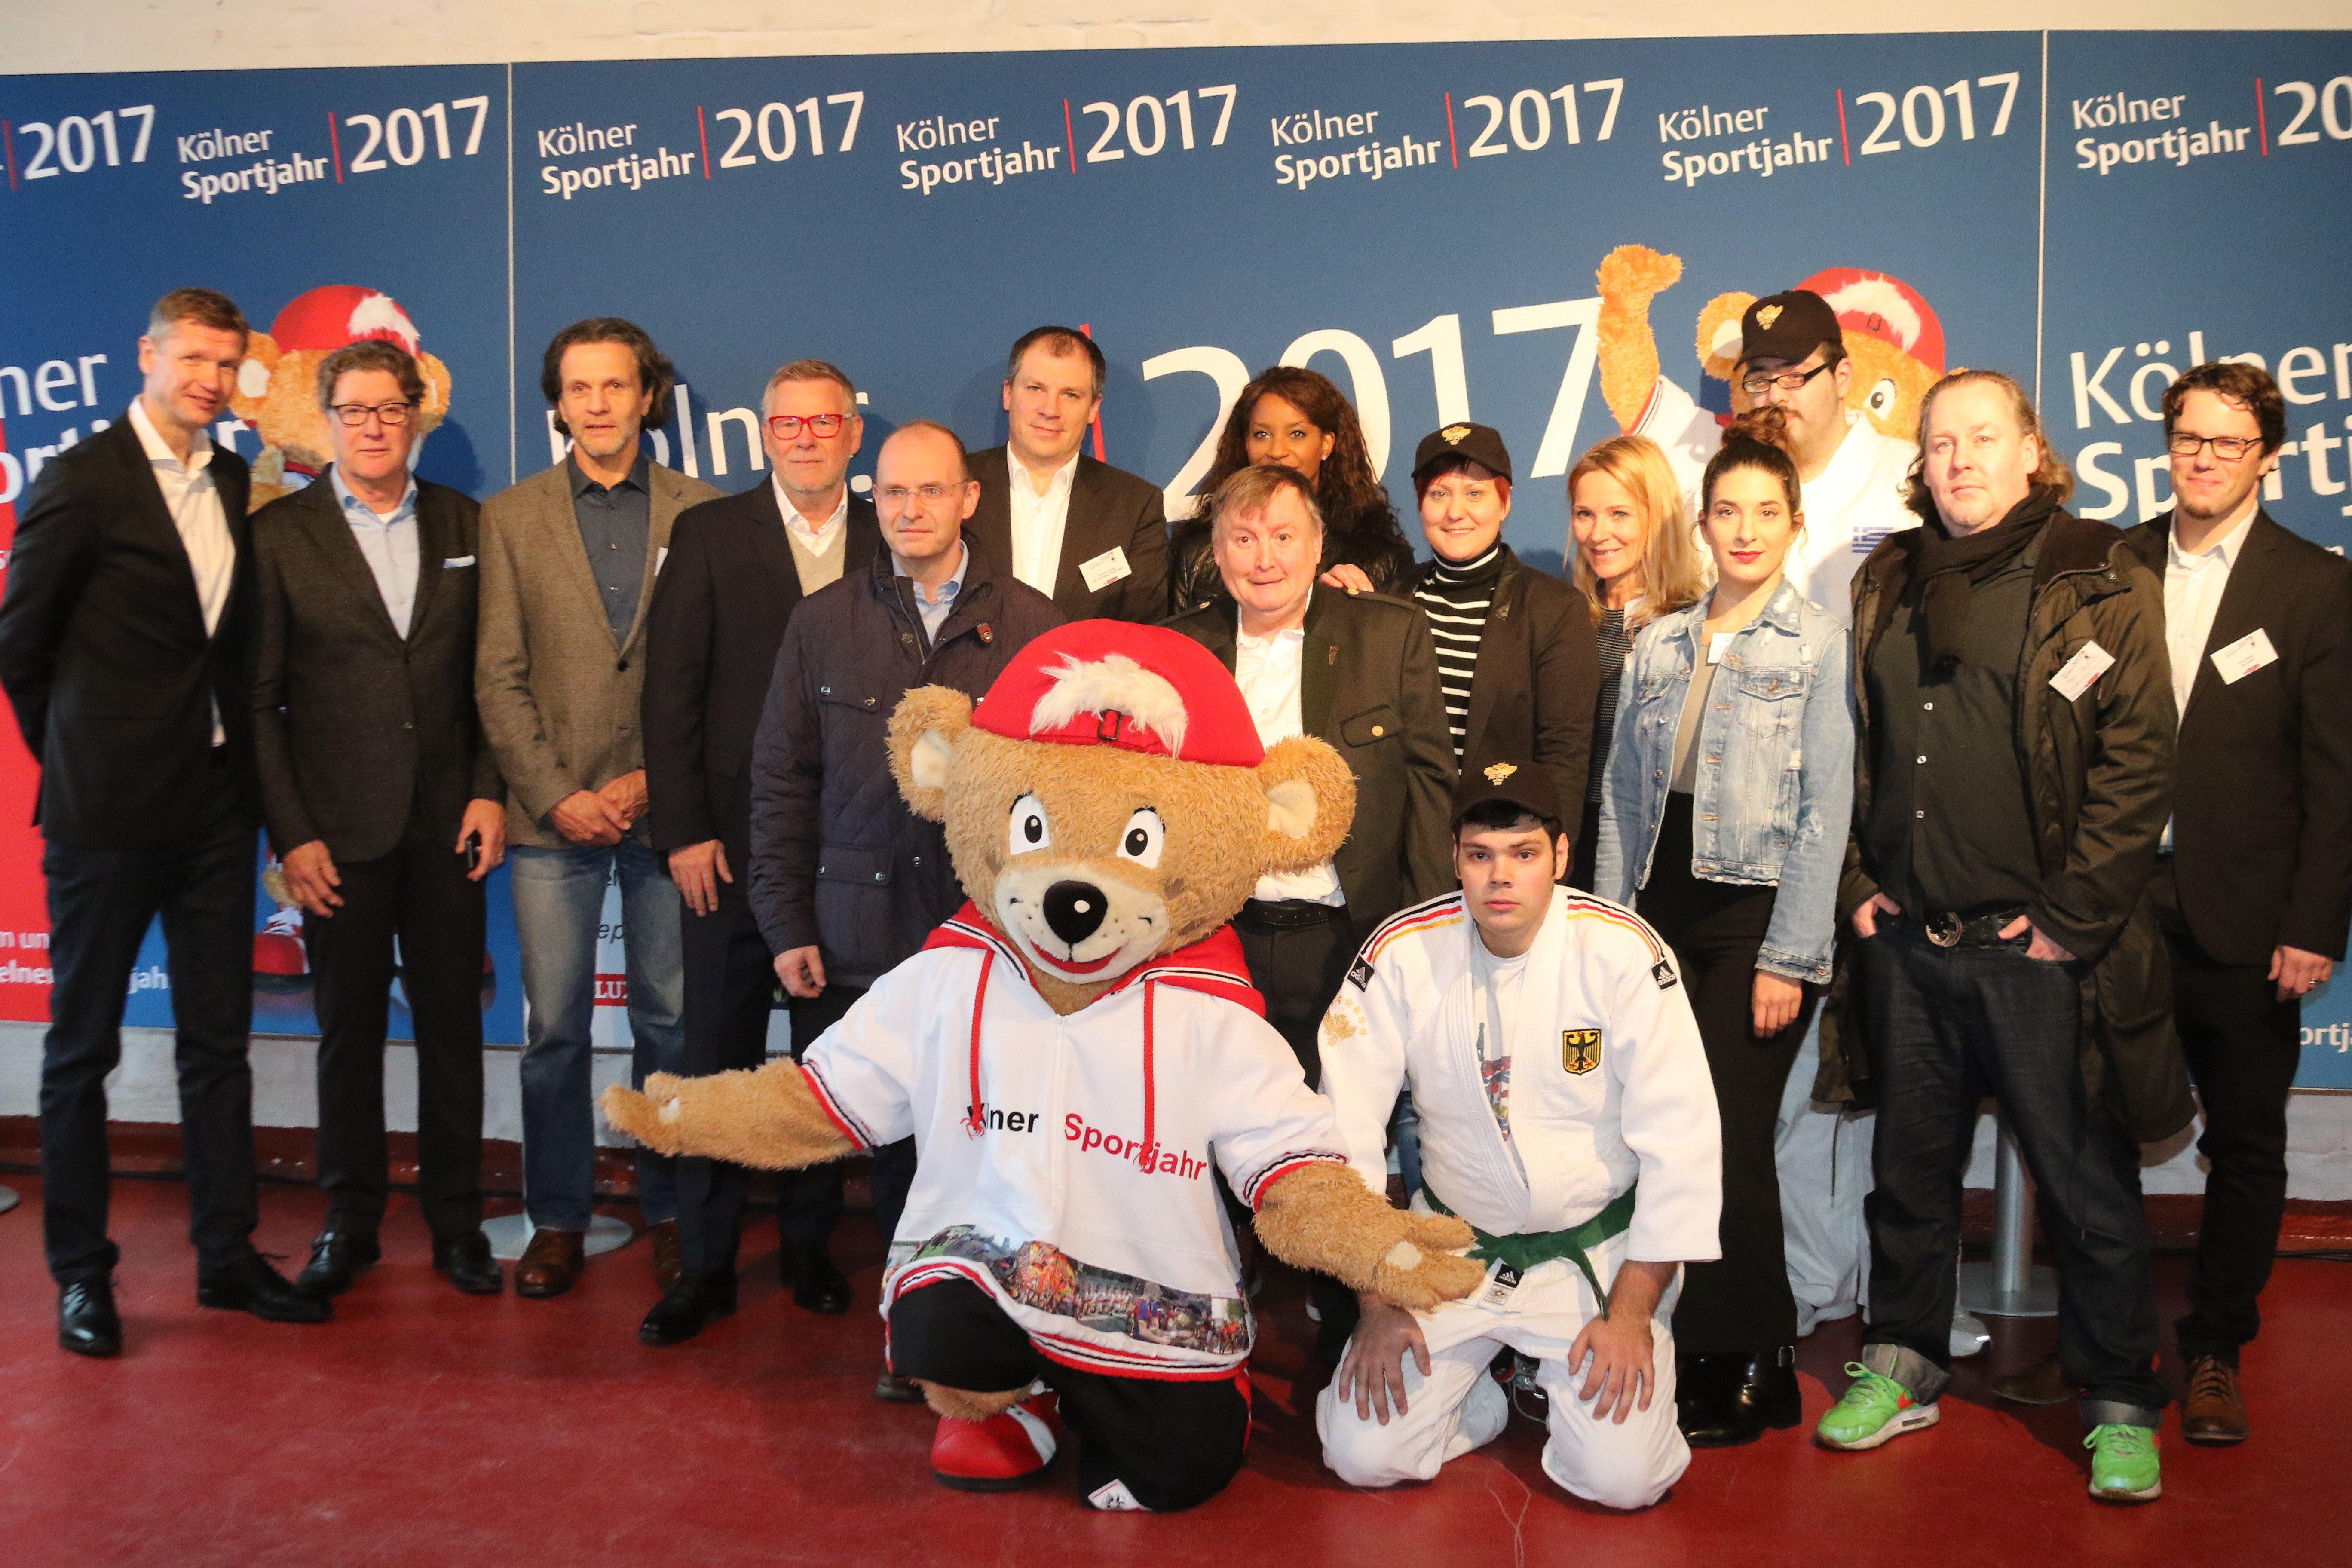 2017-01-13_prk-d-olympia-museum-__wm__stk_-3